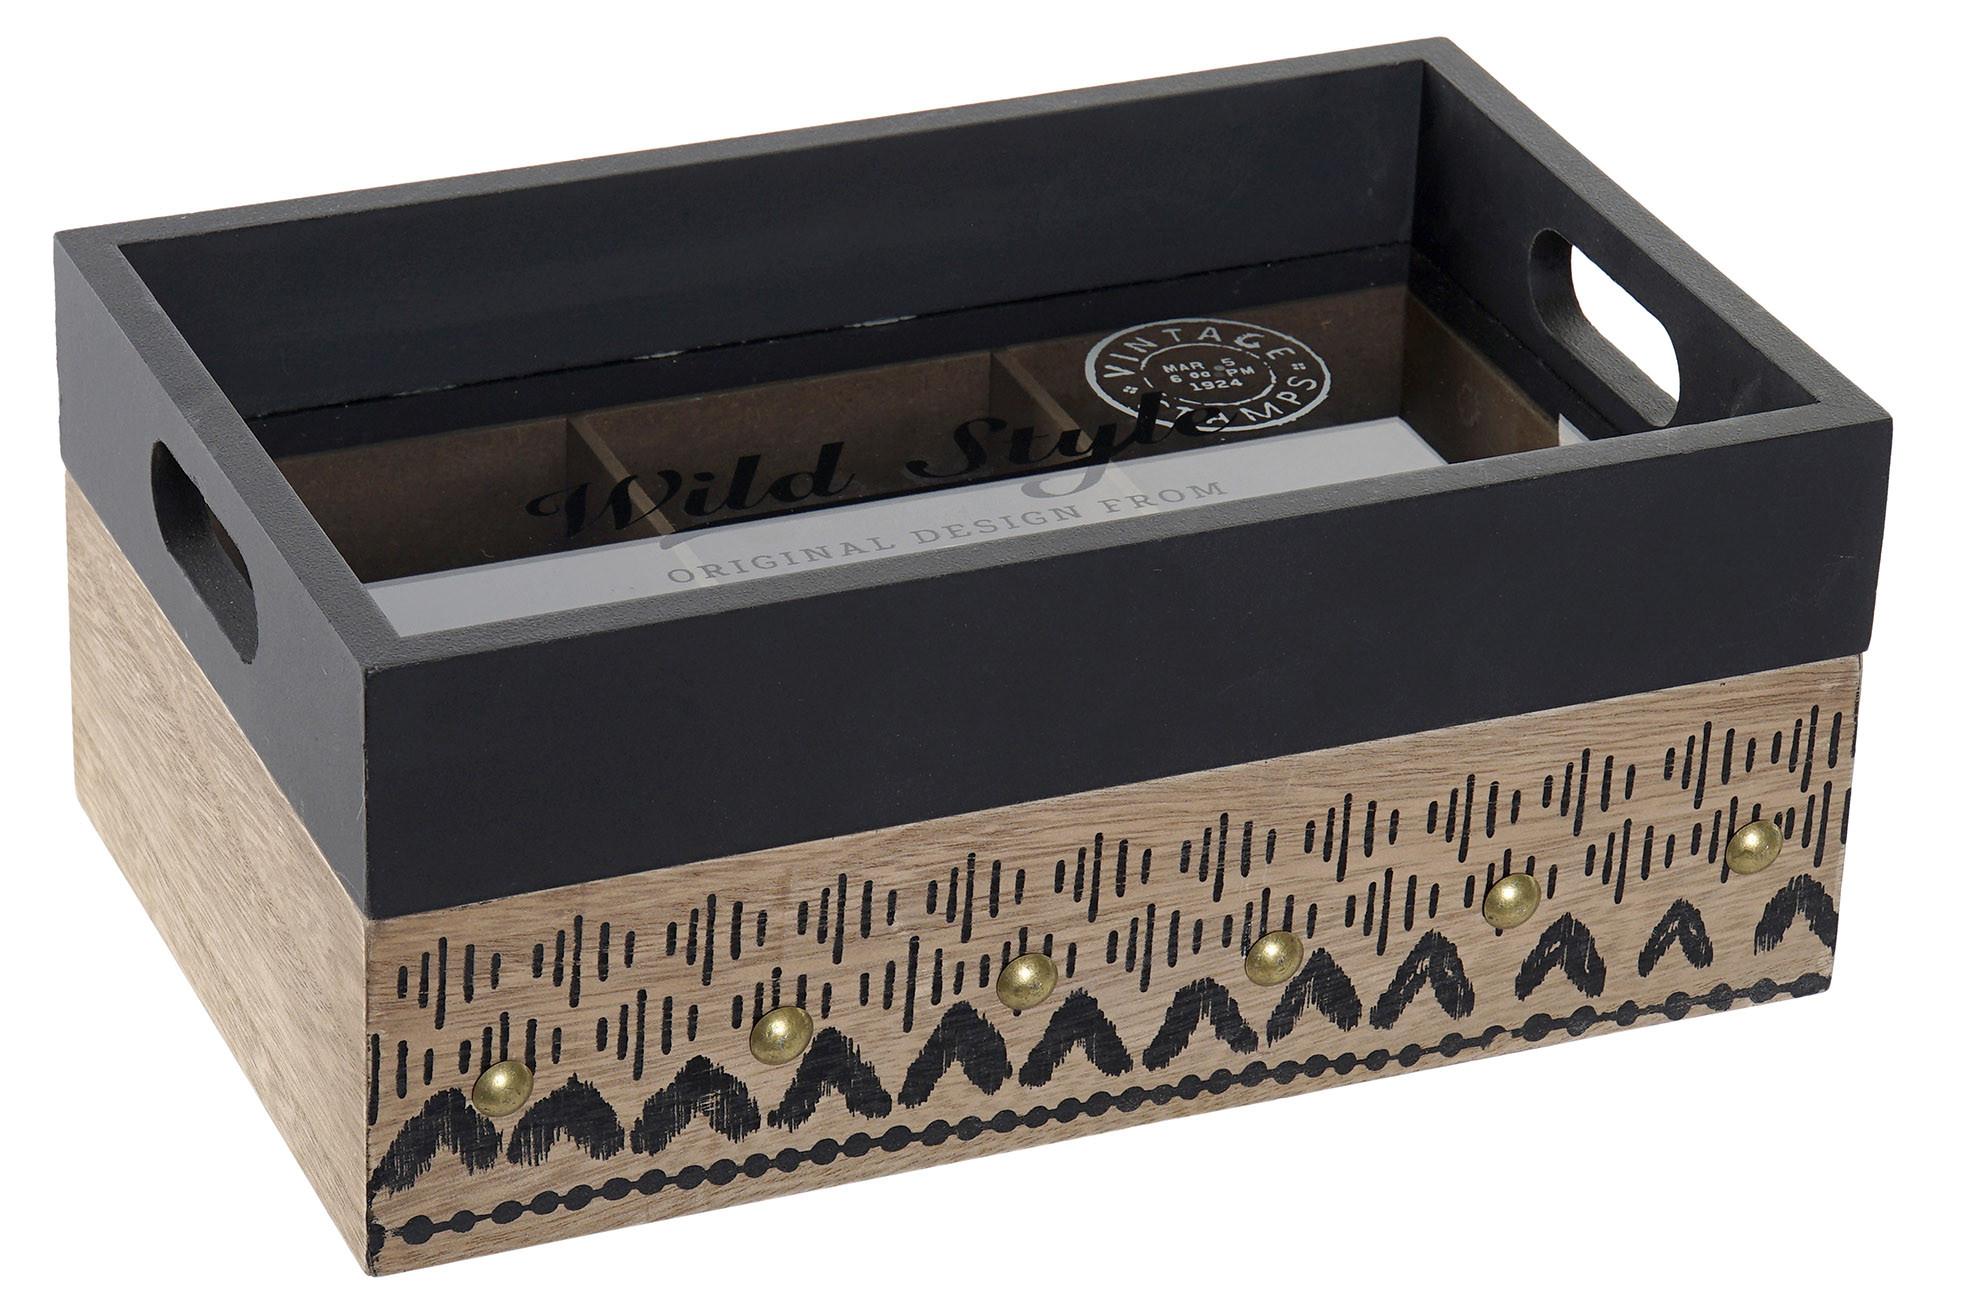 Bandeja Caja Infusiones y Té de Madera con 6 Compartimentos. Set de 2 Almacenaje de Cocina Vintage 24X15X10 cm